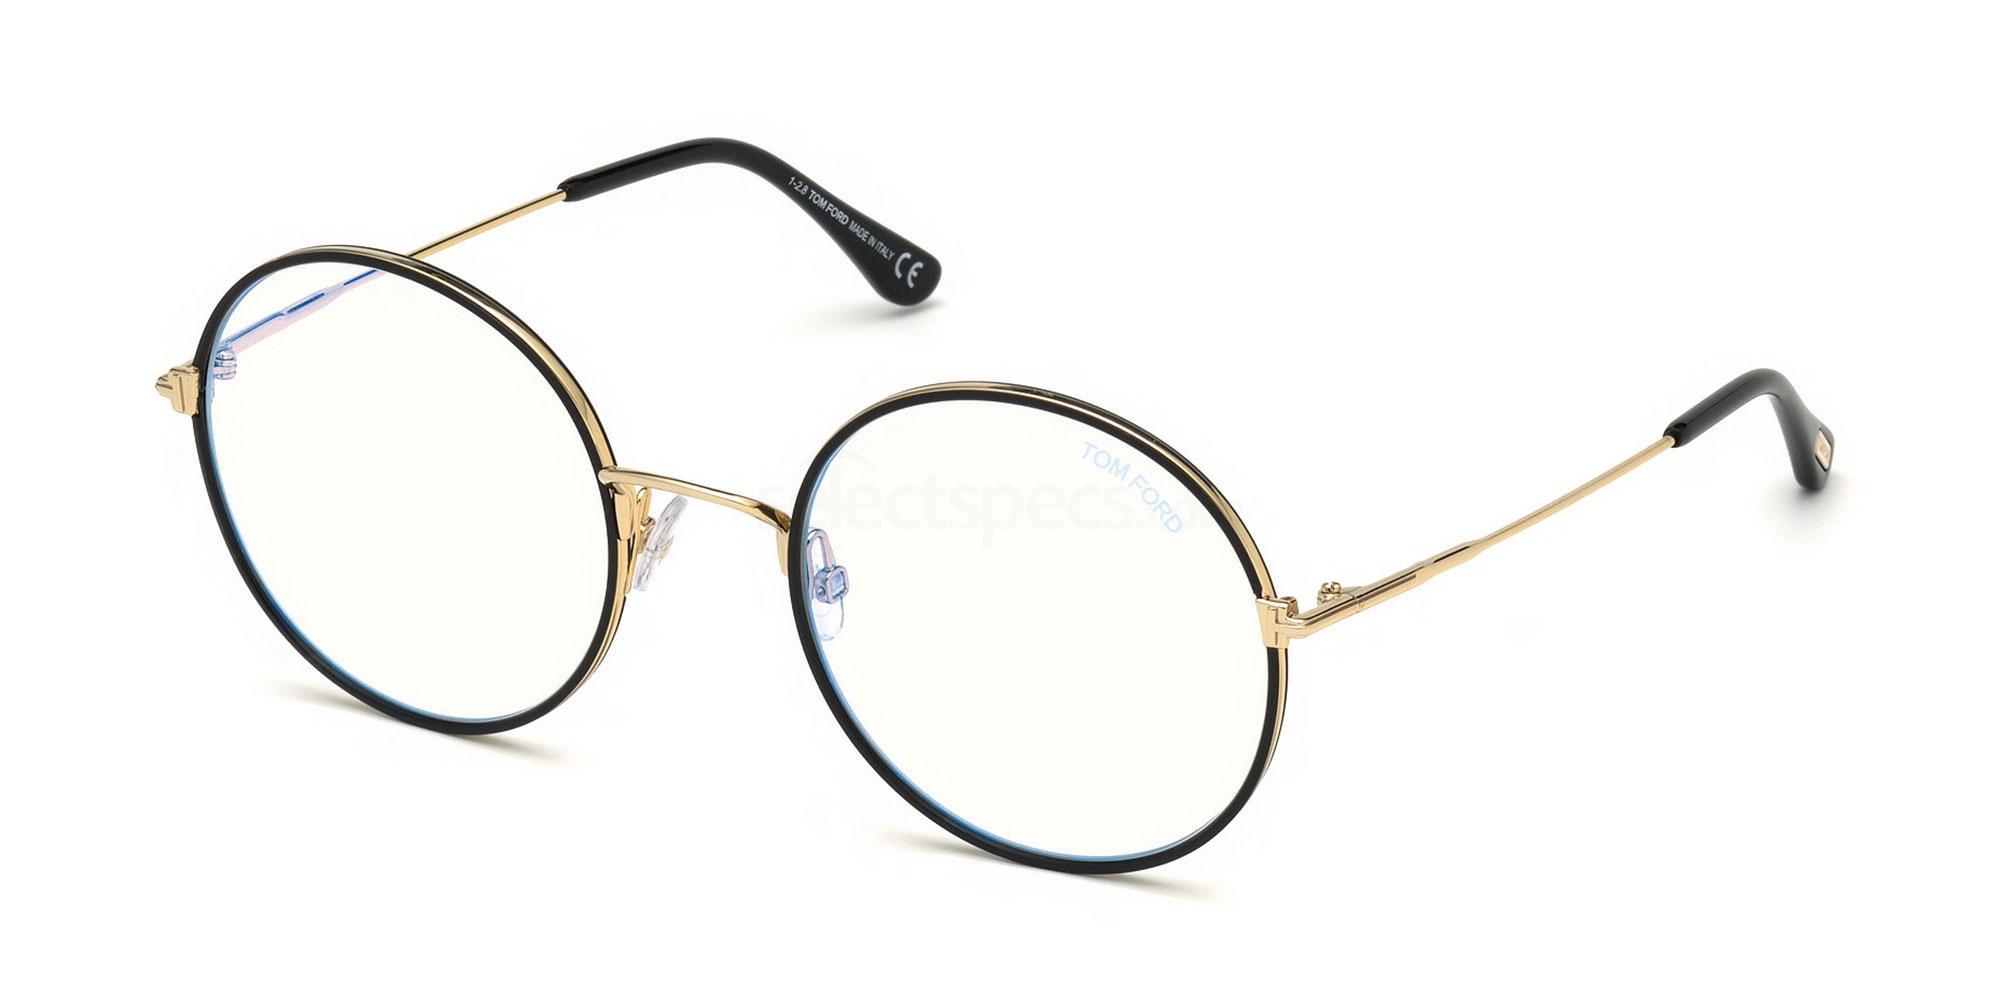 001 FT5632-B Glasses, Tom Ford